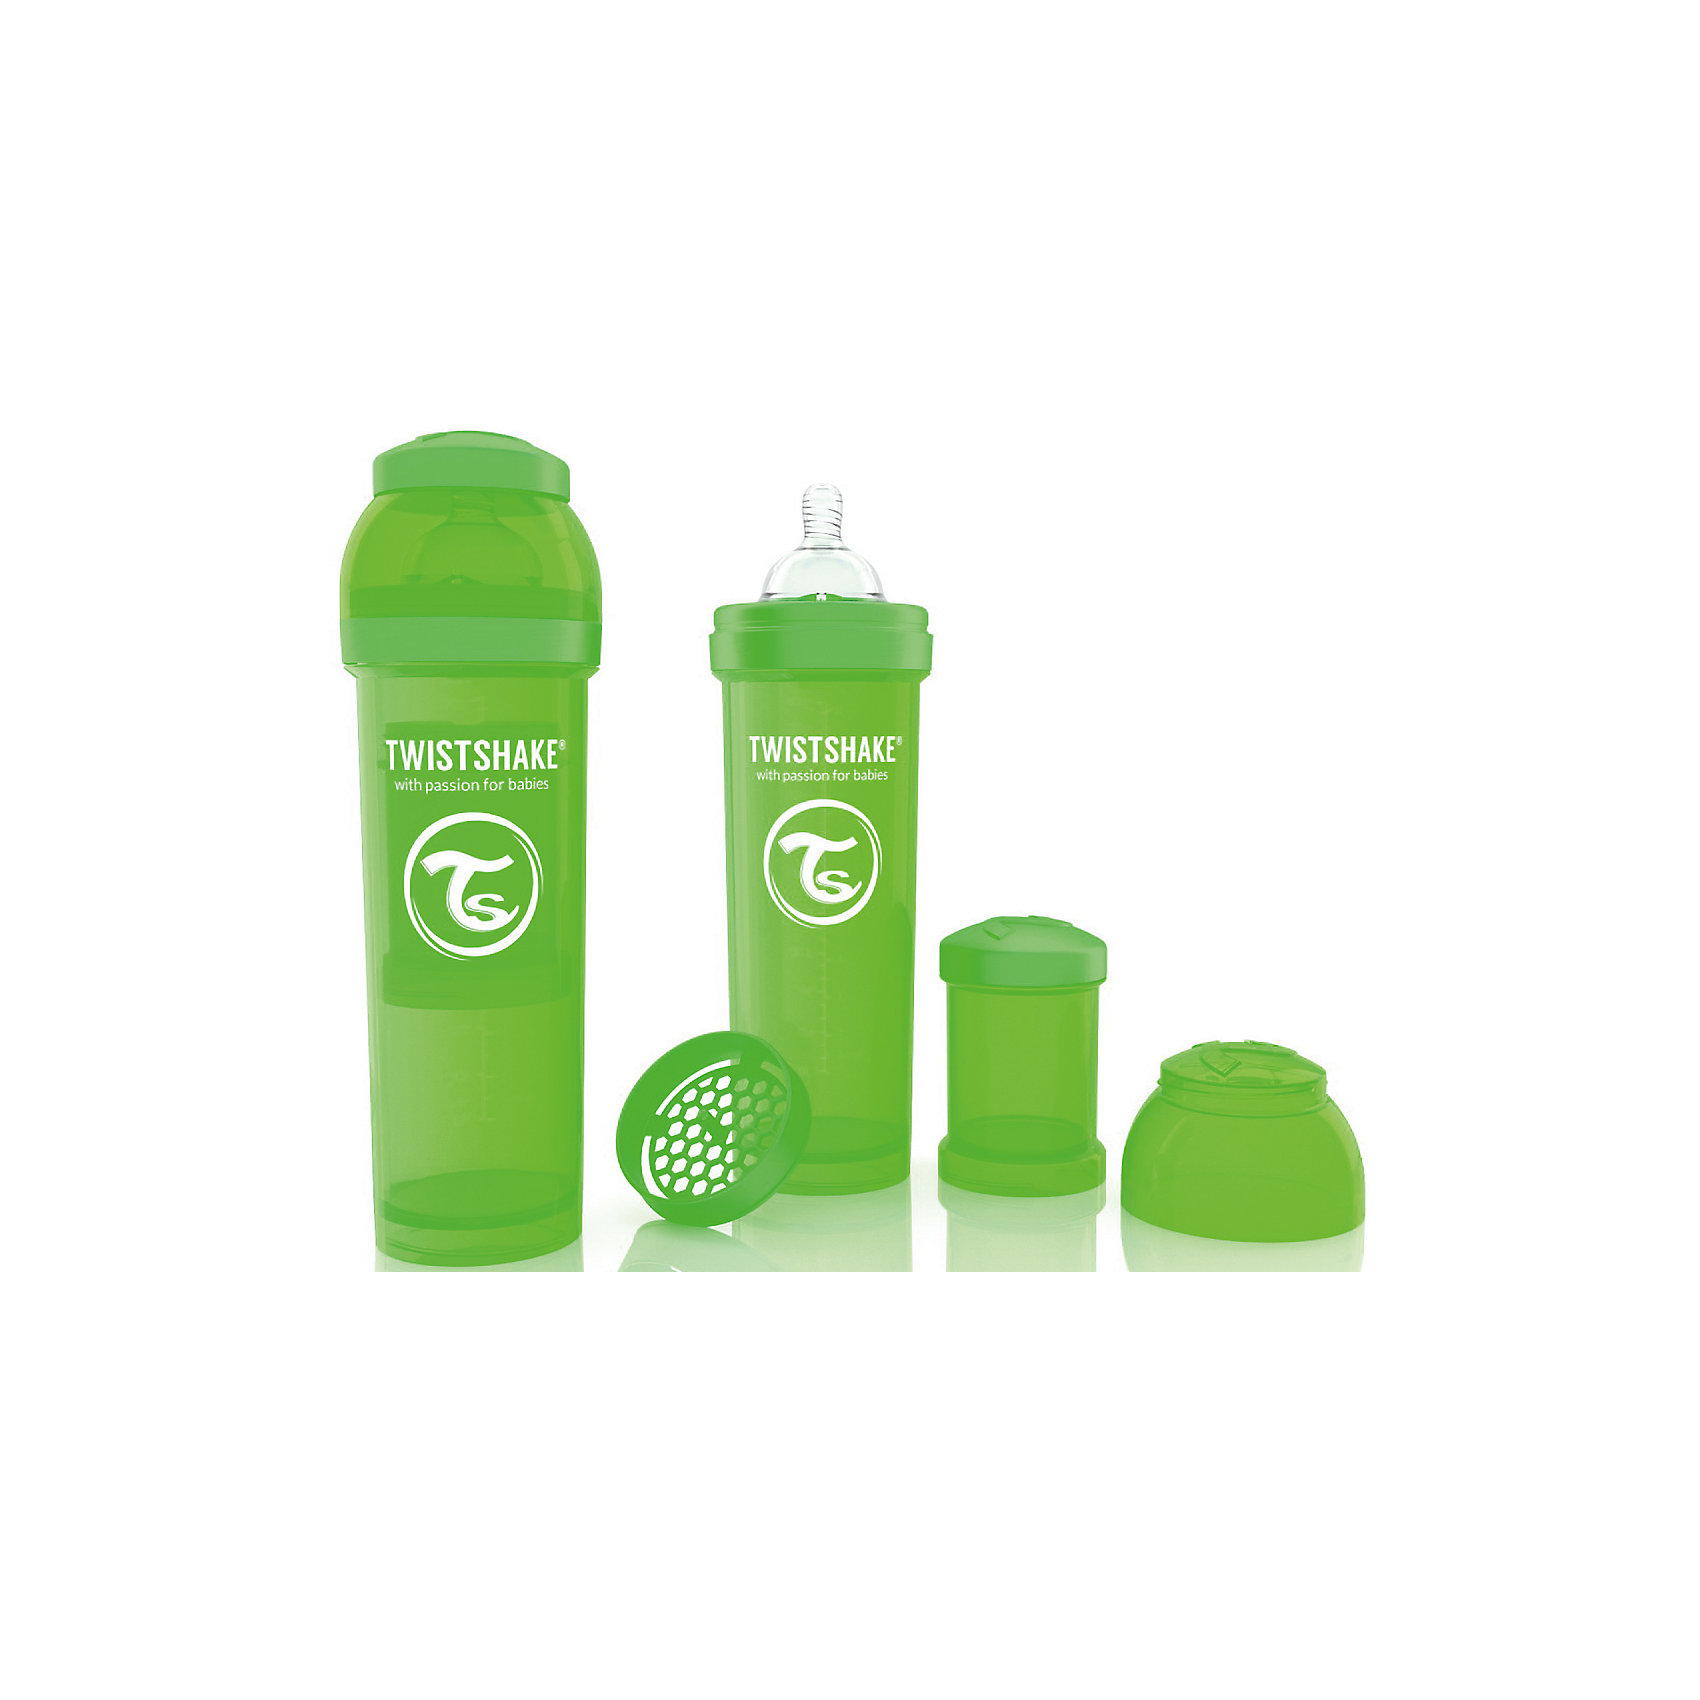 Антиколиковая бутылочка 330 мл., Twistshake, зелёныйБутылочки и аксессуары<br>Антиколиковая бутылочка 330 мл., зелёный от шведского бренда Twistshake (Твистшейк), придет по вкусу малышам и современным родителям. Эти бутылочки идут в комплекте с контейнером для сухой смеси, чтобы можно было готовить смесь в любом месте непосредсвенно перед кормлением. Также в комплект входит решеточка для разбивки комочков смеси, делая саму смесь идеальной. Материал бутылочки имеет свойства сохранения температуры, не содержит бисфенол А. Удобная форма горлышка обеспечивает доступ к полной промывки бутылочки, можно стерилизовать как холодным, так и горячим методами. Небольшой контейнер для смеси (100 мл.) можно использовать для хранения еды, например печенья или кусочков яблока. Соска бутылочки имеет ортодонтичную форму, благодаря специальному клапану и строению предотвращает попадание воздуха и снижает вероятность появления коликов у крохи. Все предметы складываются в бутылочку для удобной транспортировки и хранения. Также можно купить бутылочки разных цветов и комбинировать их в любимые цветовые сочетания.<br><br>Дополнительная информация:<br><br>- В комплект входит: бутылочка с соской 330 мл., контейнер с крышкой 100 мл., решетка, крышка для бутылочки.<br>- Размер соски: L<br>- Состав бутылочки: 100% пропиллен<br>- Состав соски: силикон<br><br>Антиколиковую бутылочку 330 мл., Twistshake, зелёный можно купить в нашем интернет-магазине.<br>Подробнее:<br>• Для детей в возрасте: от 4 месяцев <br>• Номер товара: 4976053<br>Страна производитель: Китай<br><br>Ширина мм: 70<br>Глубина мм: 70<br>Высота мм: 220<br>Вес г: 176<br>Возраст от месяцев: 4<br>Возраст до месяцев: 12<br>Пол: Унисекс<br>Возраст: Детский<br>SKU: 4976053